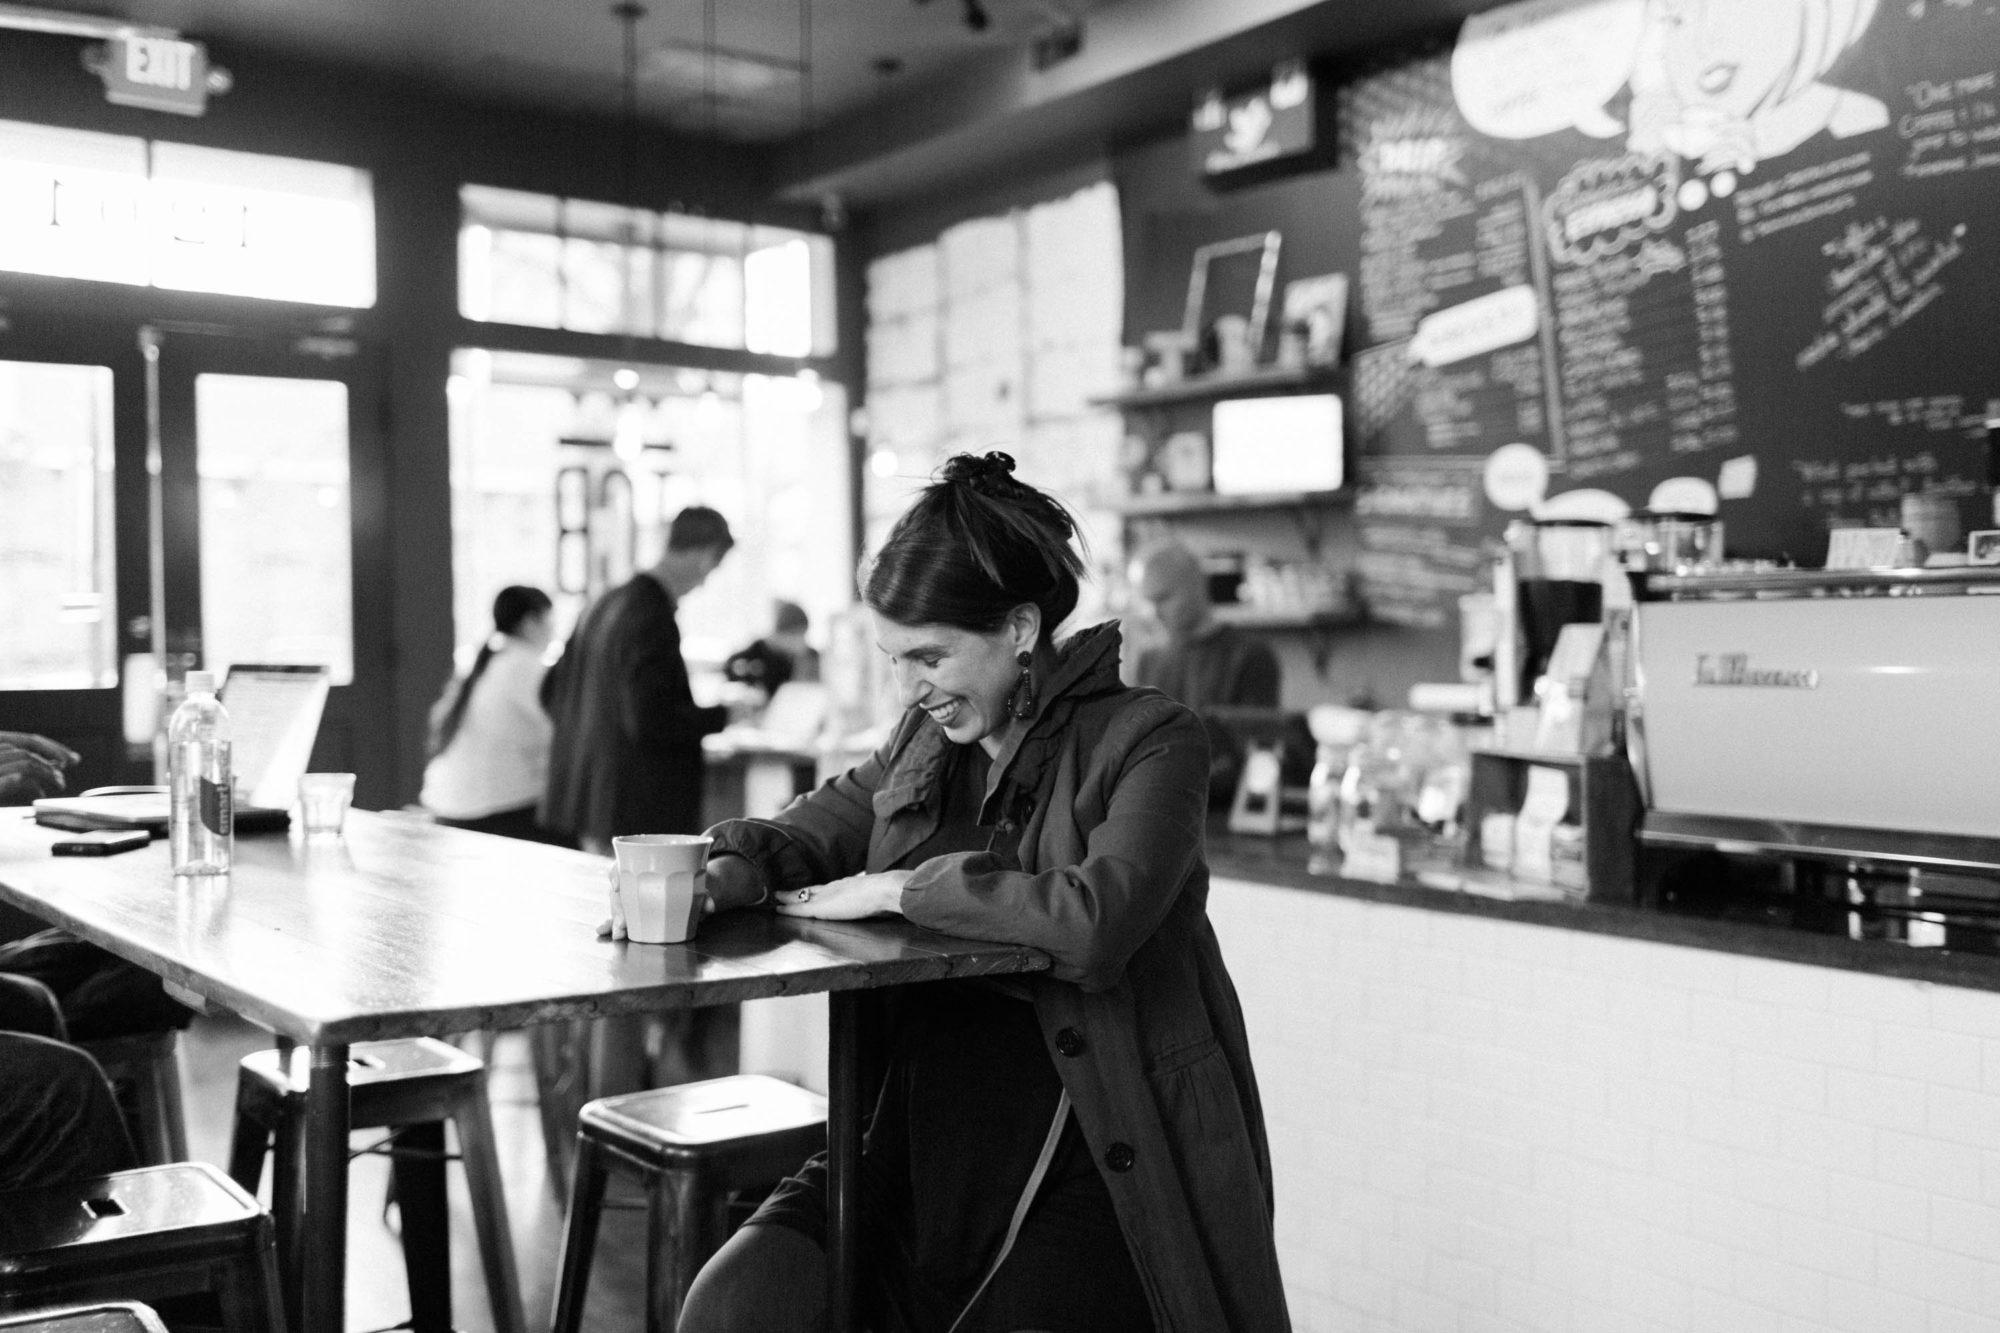 """"""" Coffee With Devon Haynie """"  by Laicie Heeley at Inkstick media."""